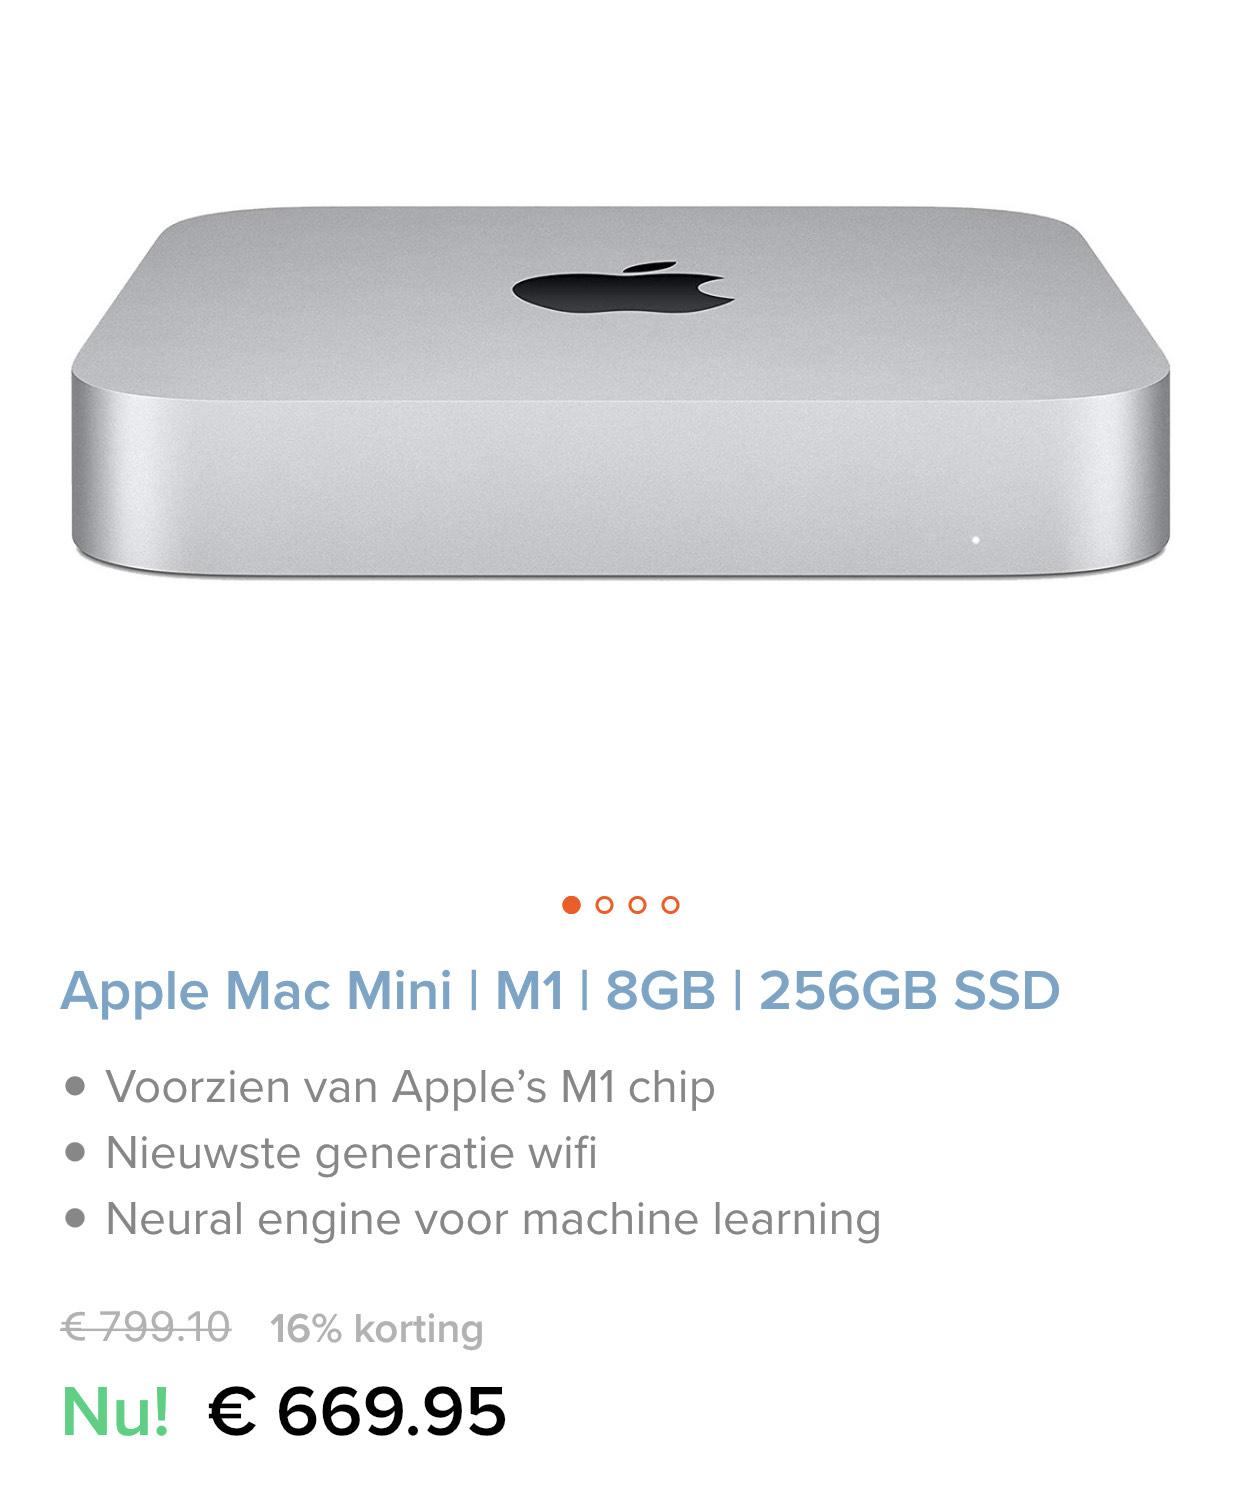 Apple Mac Mini | M1 | 8GB | 256GB SSD